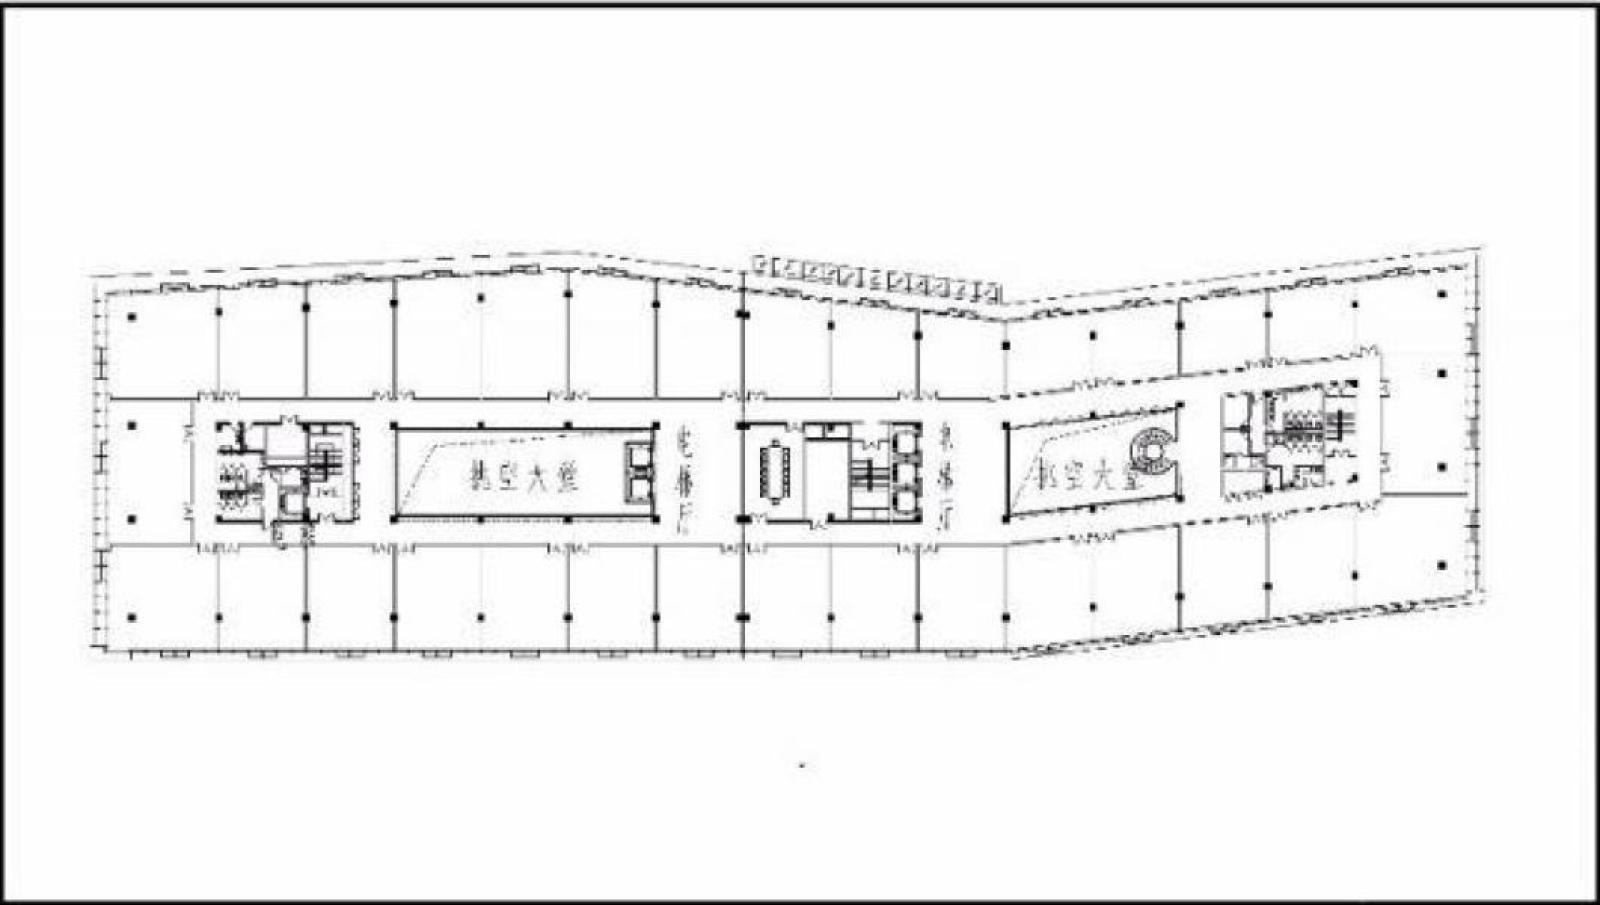 世茂海峡城 创意办公 326平 多种户型 精装 可分割 随时入驻